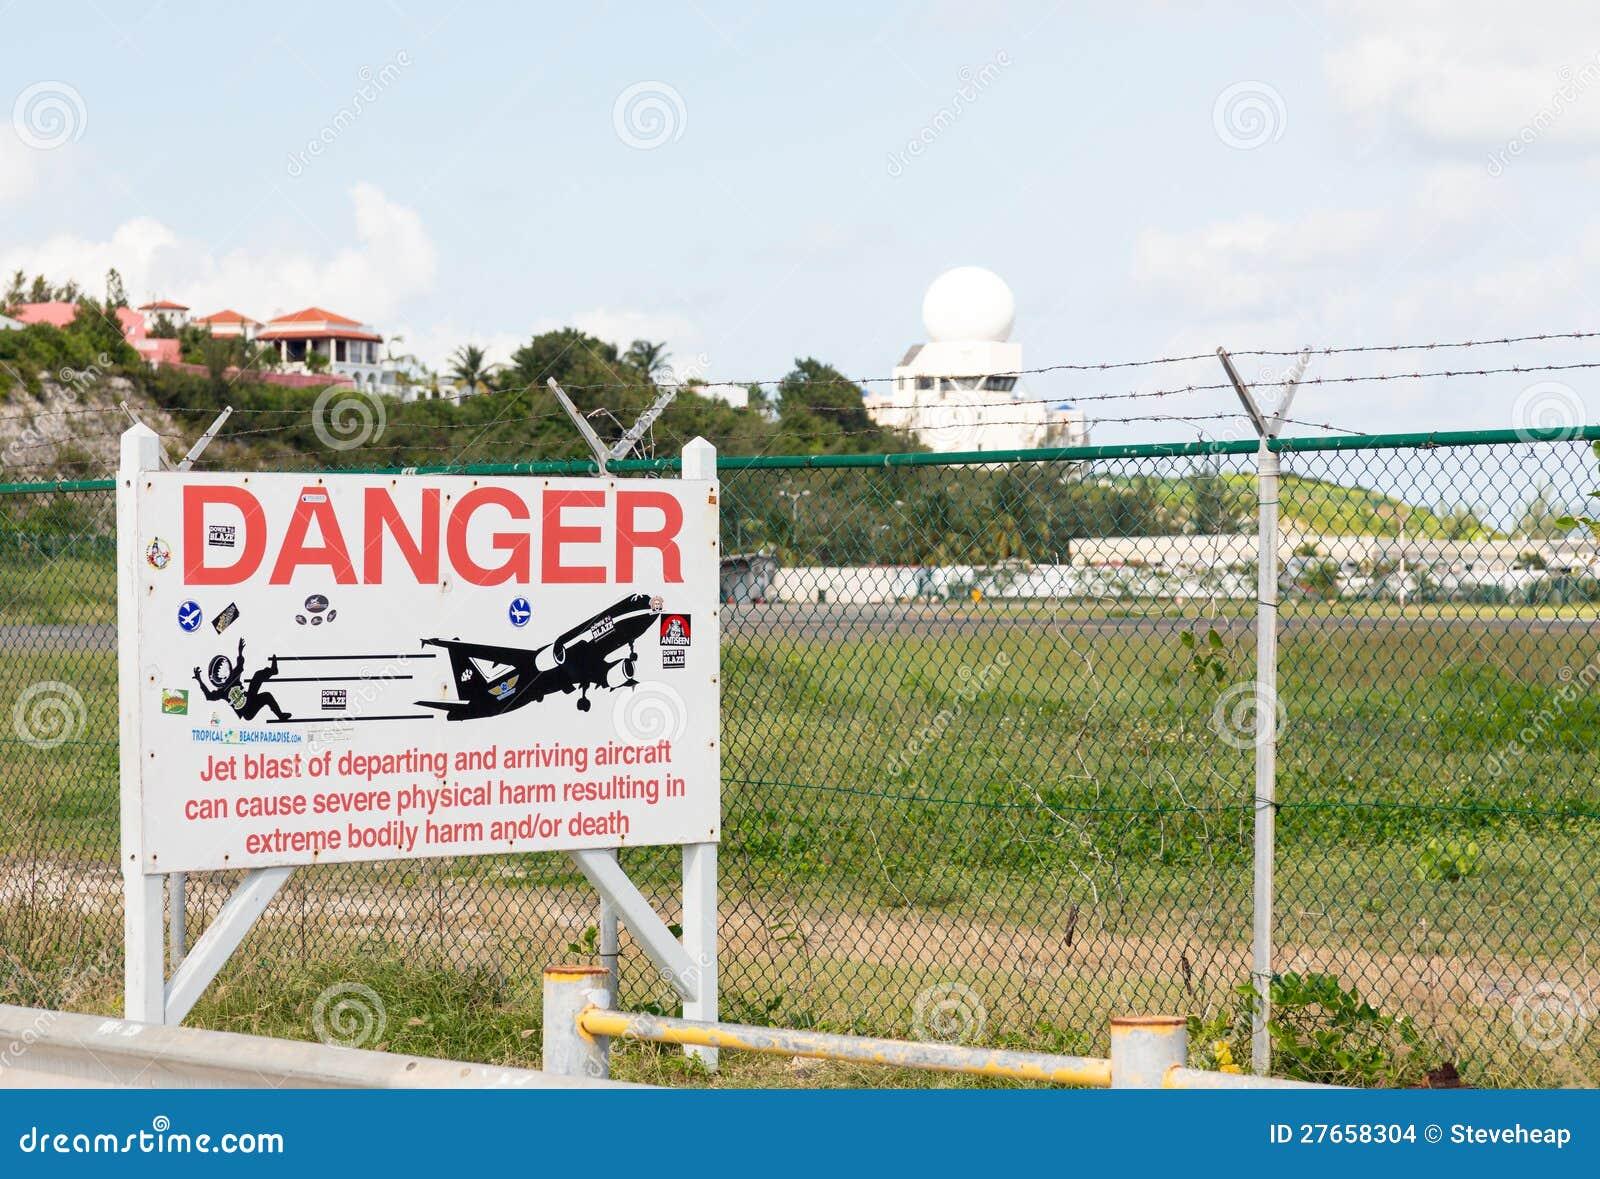 Warning sign at Princess Juliana airport